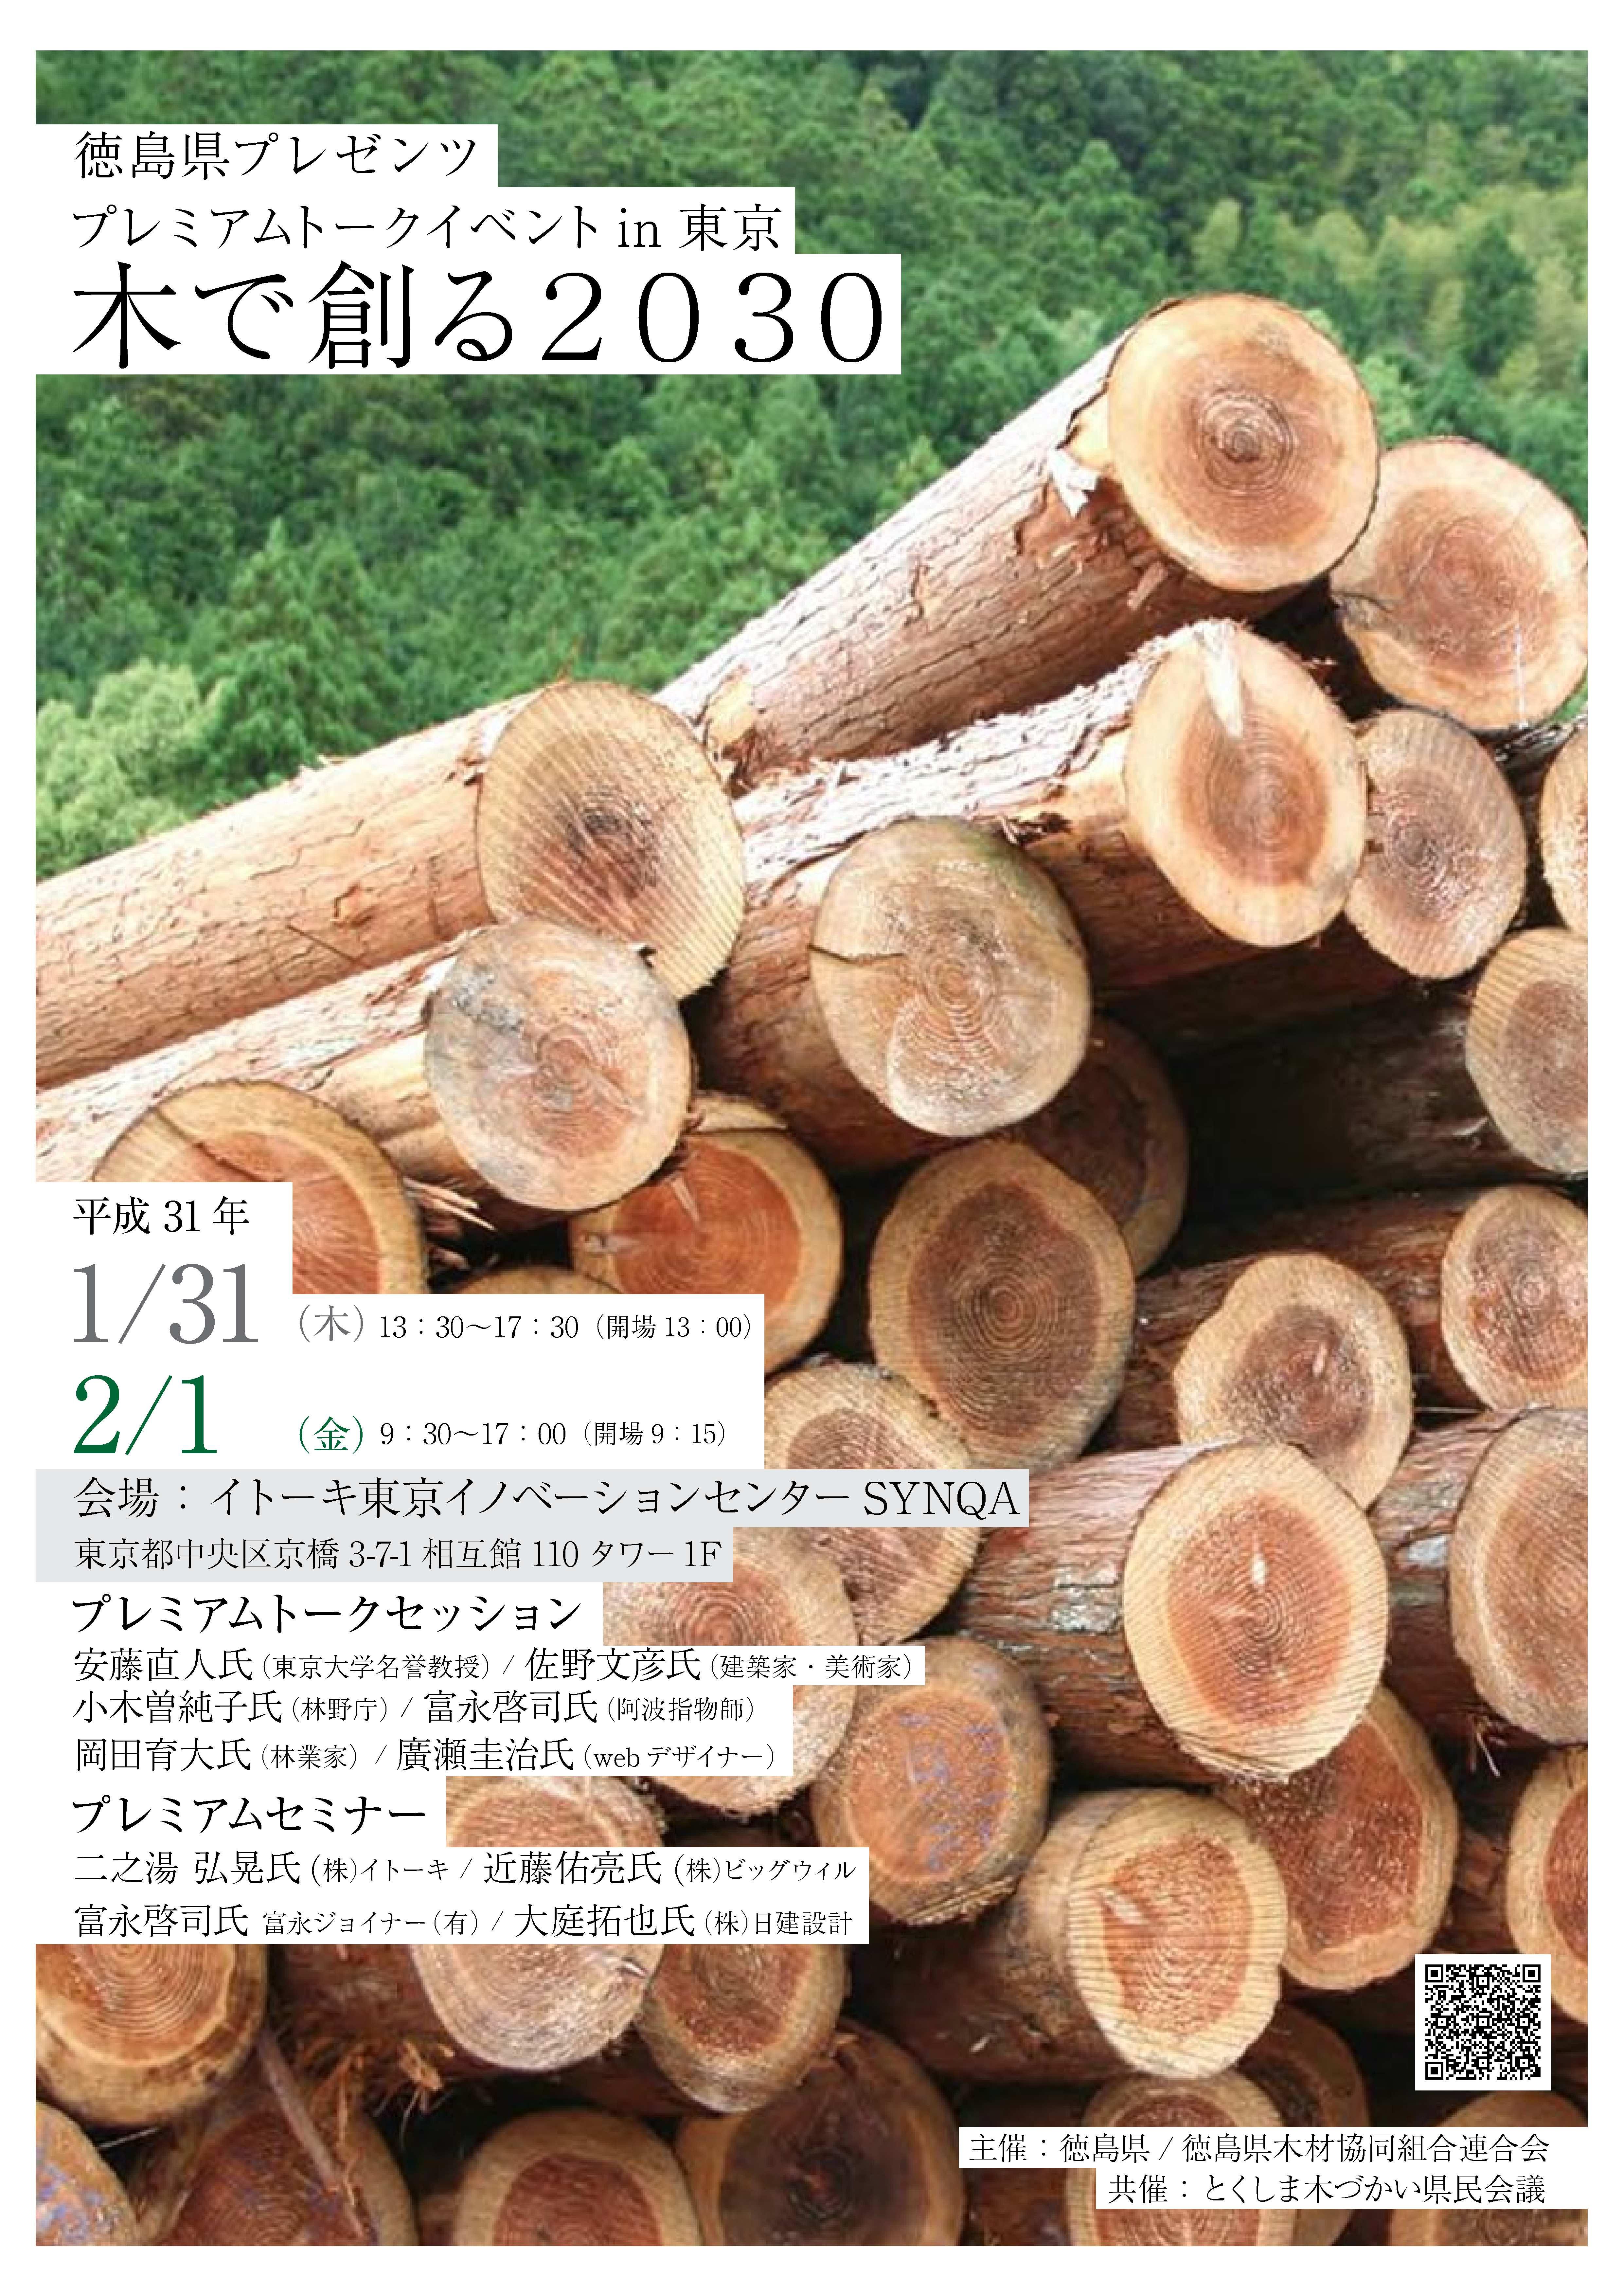 イトーキ東京イノベーションセンター にKUKU出展!